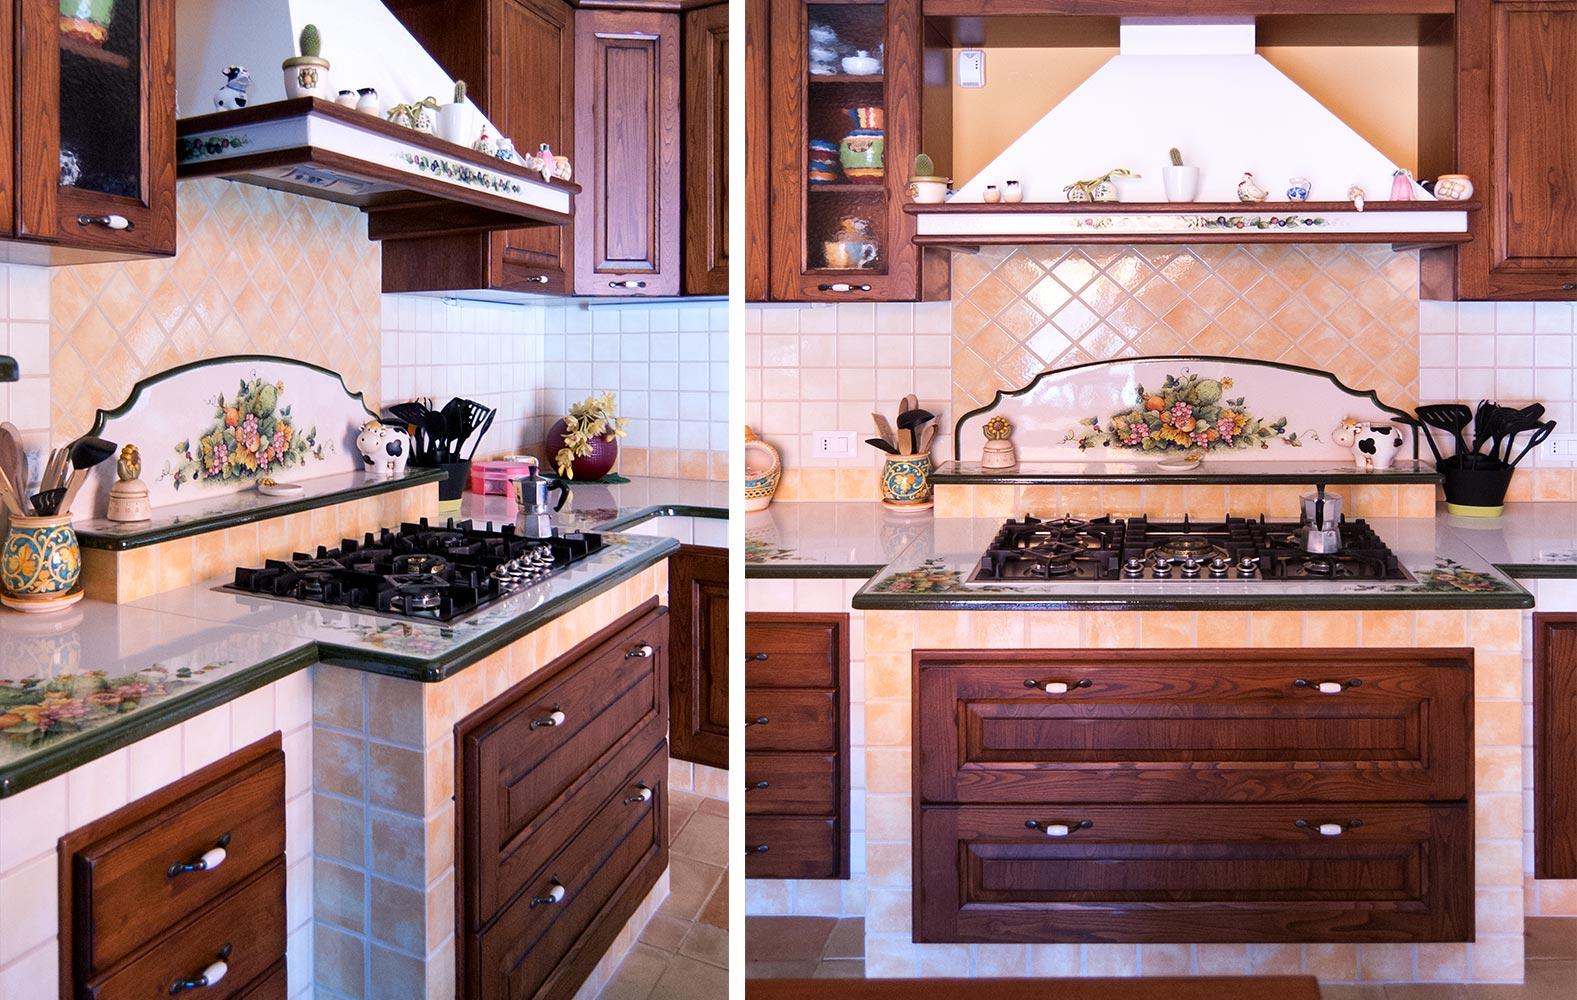 Cucine in muratura smontabile modello Pescara | Artesole